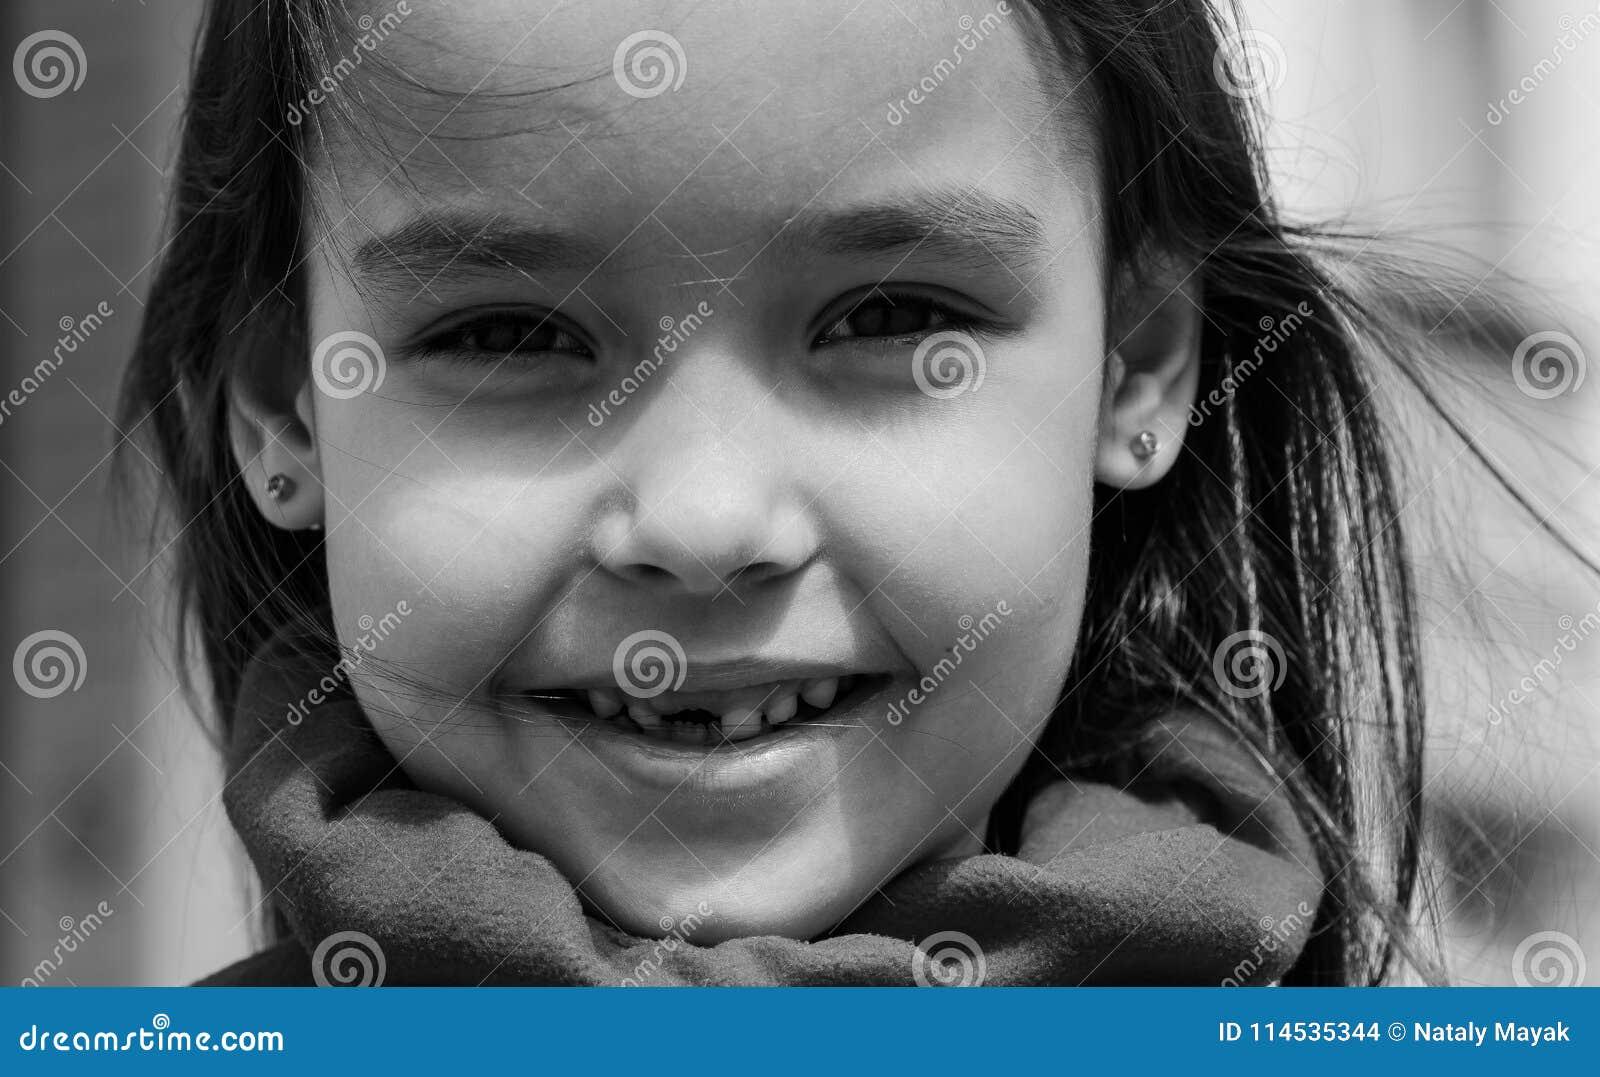 Gullig le tandlös flicka som ser kameran i svartvit bild